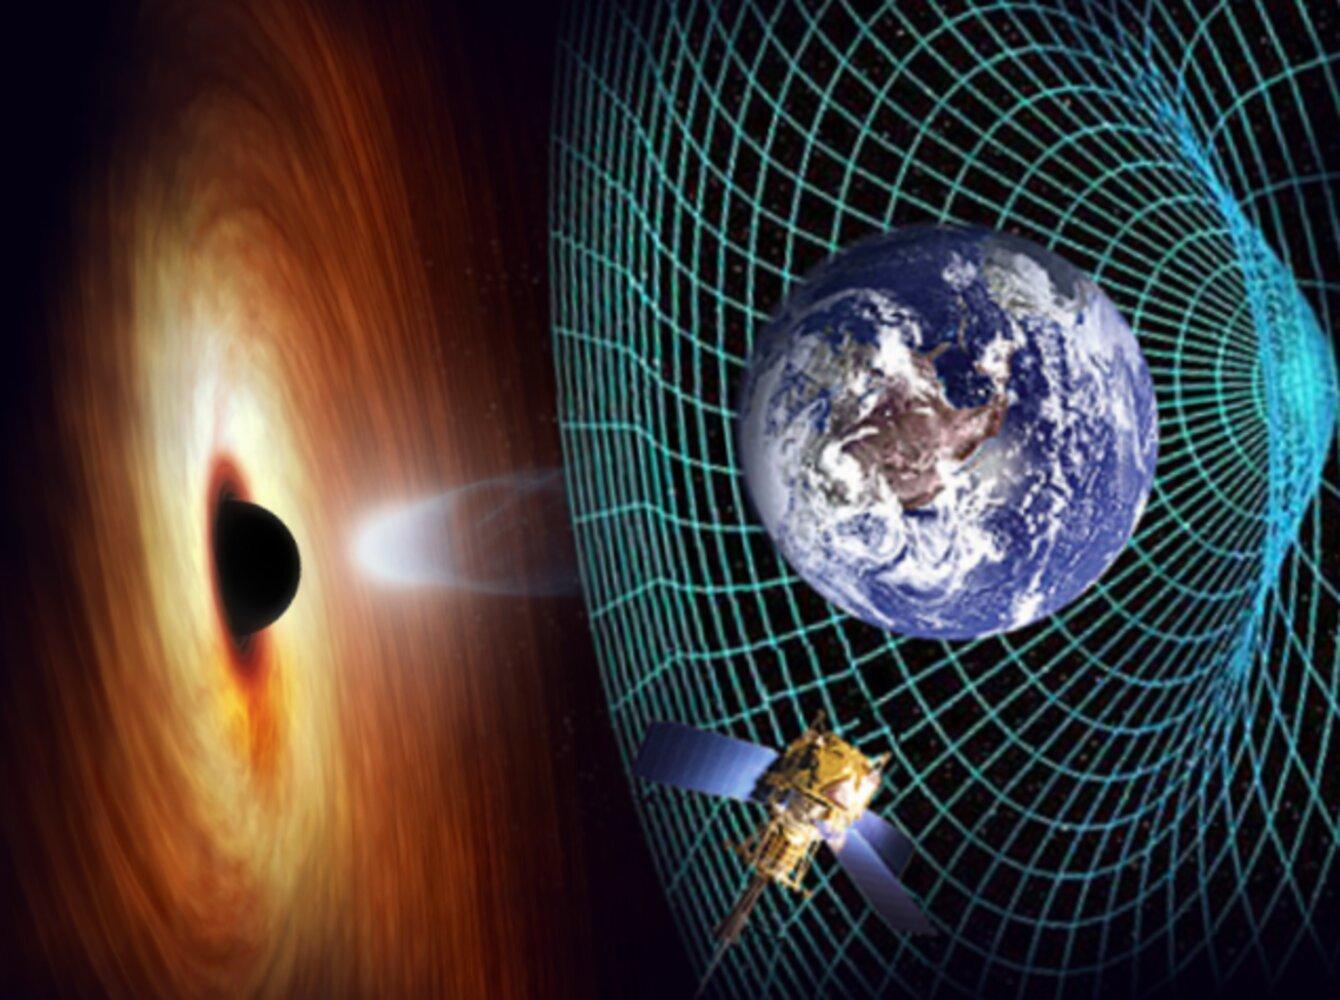 Блог Изиды. Официальное заявление  В.Ю. Мироновой от 12.01.2020.(информация о направленном потоке гамма-излучения из черной дыры М87) 1560626687_screenshot_30